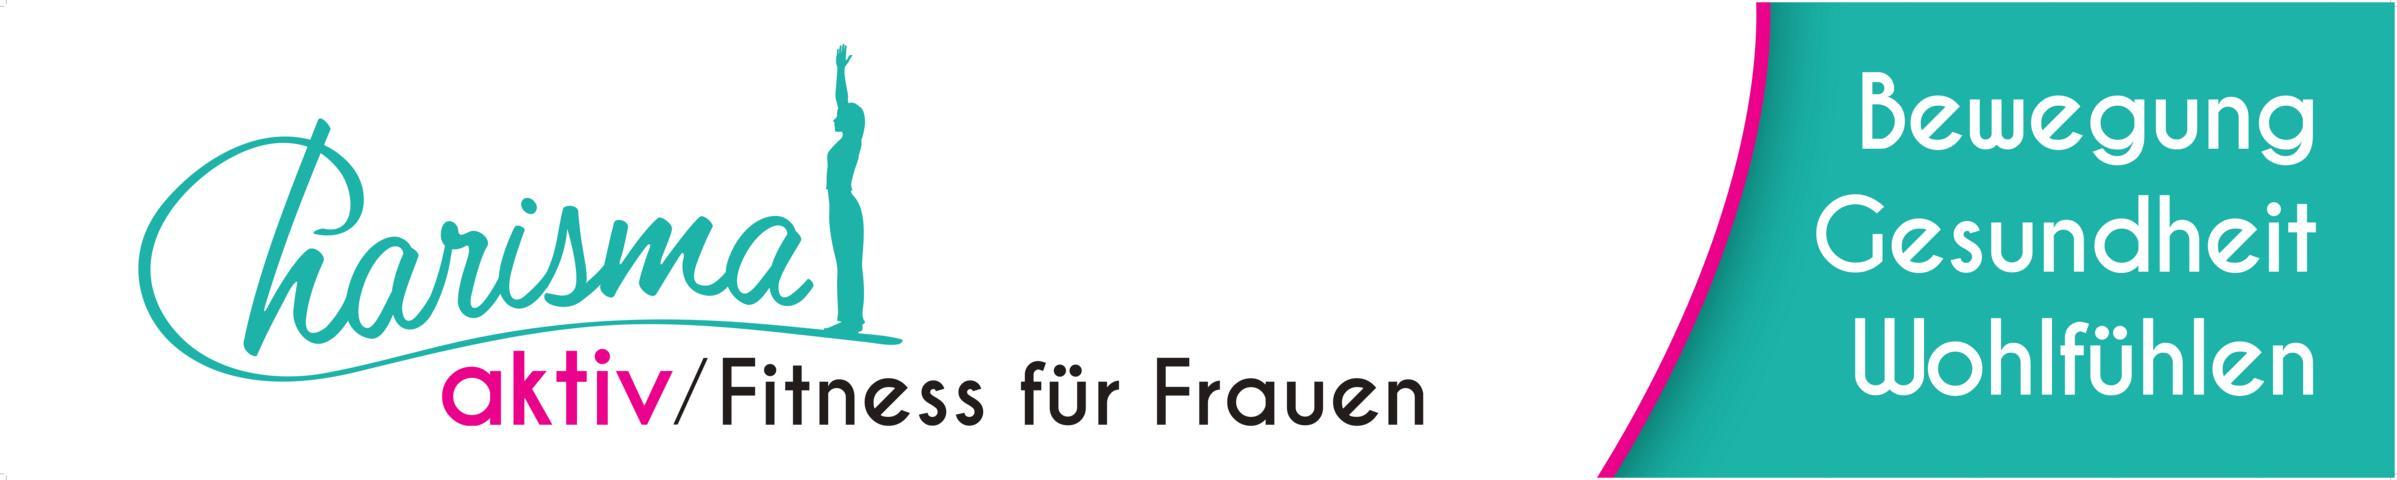 charisma-aktiv.de Logo